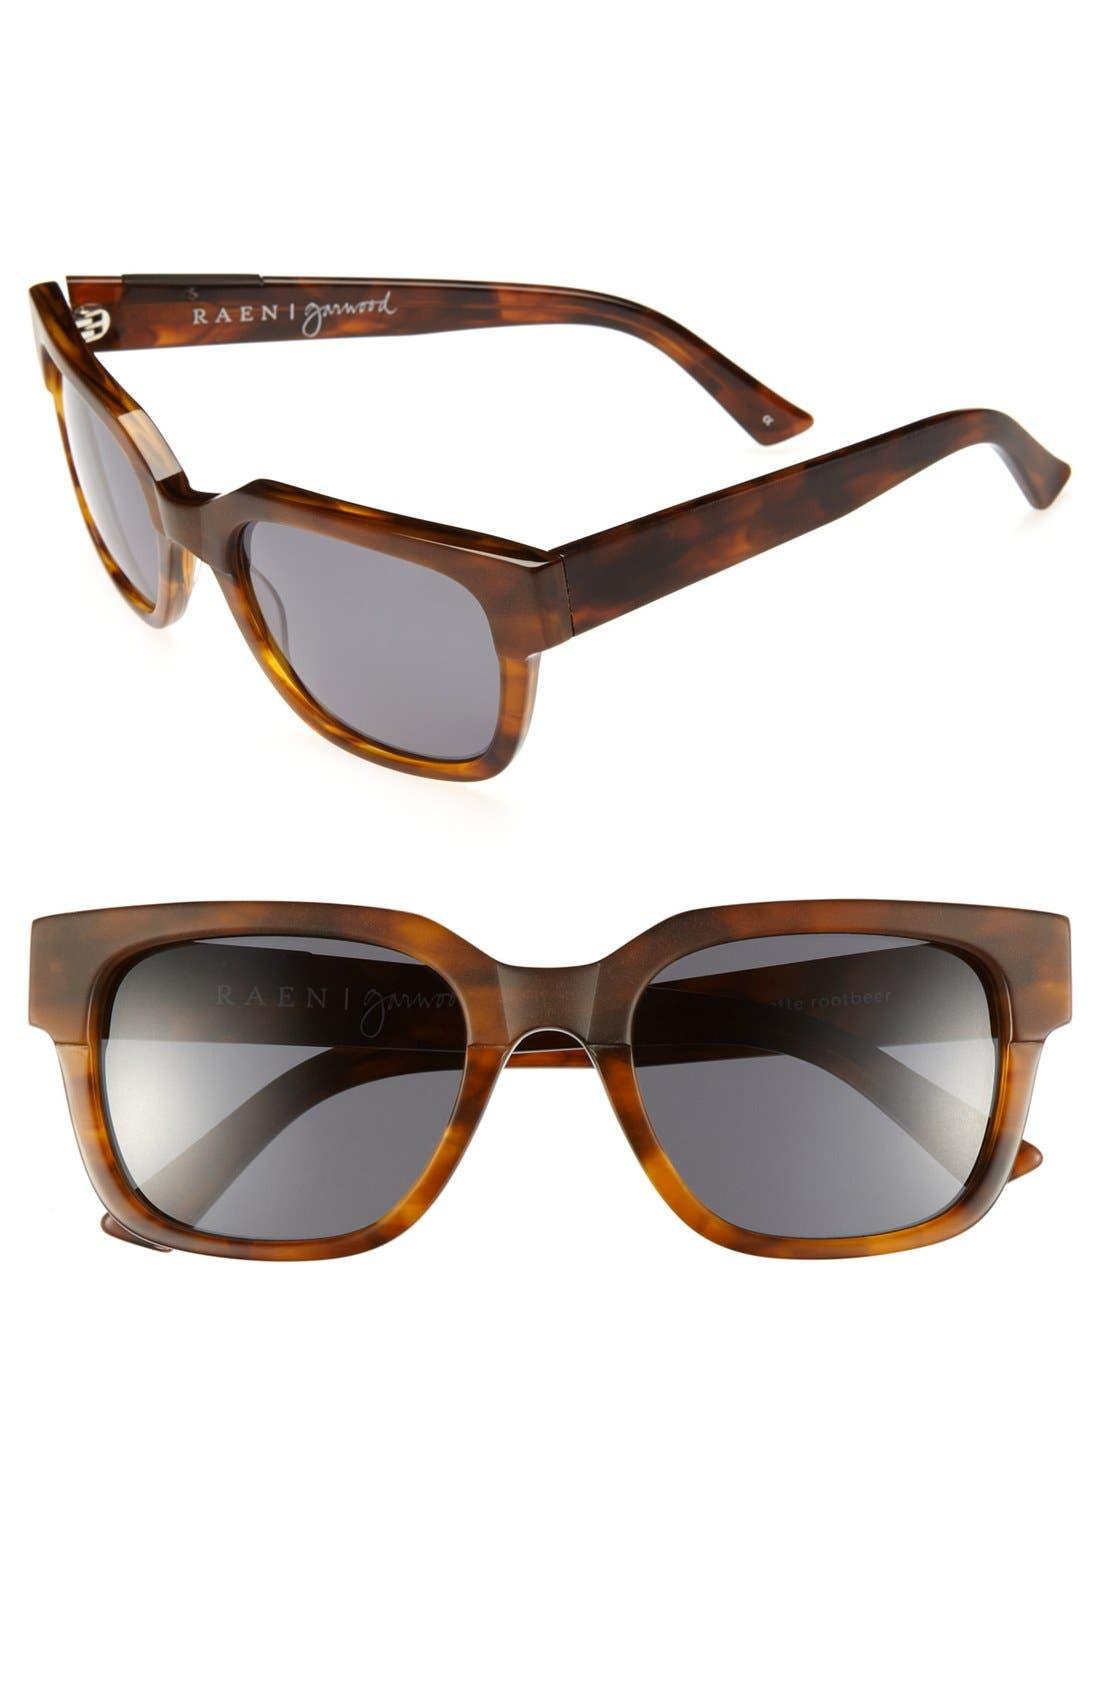 Alternate Image 1 Selected - RAEN 'Garwood' 54mm Polarized Sunglasses